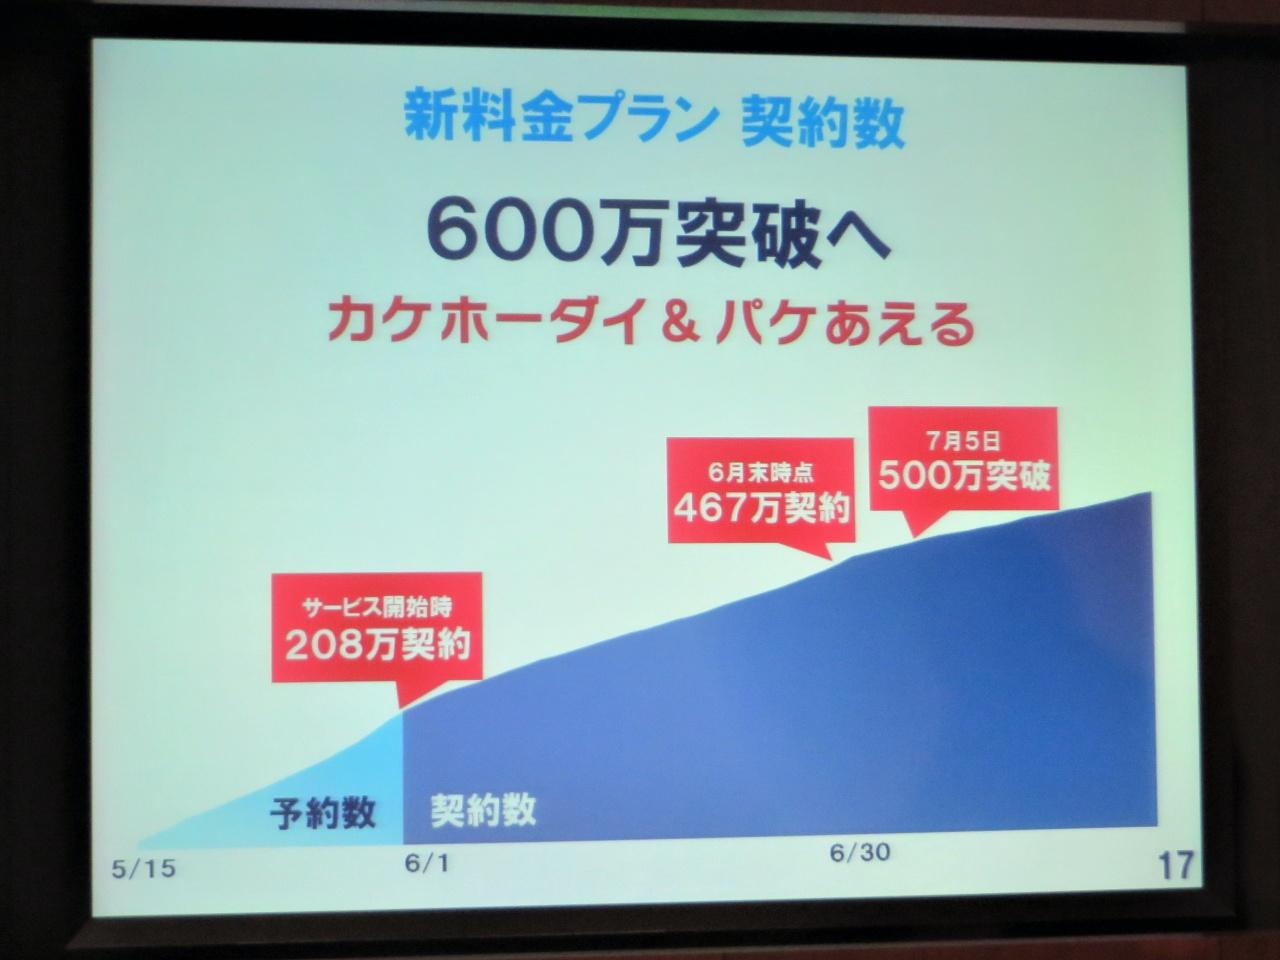 NTT docomo ahamo Masahiro Sano